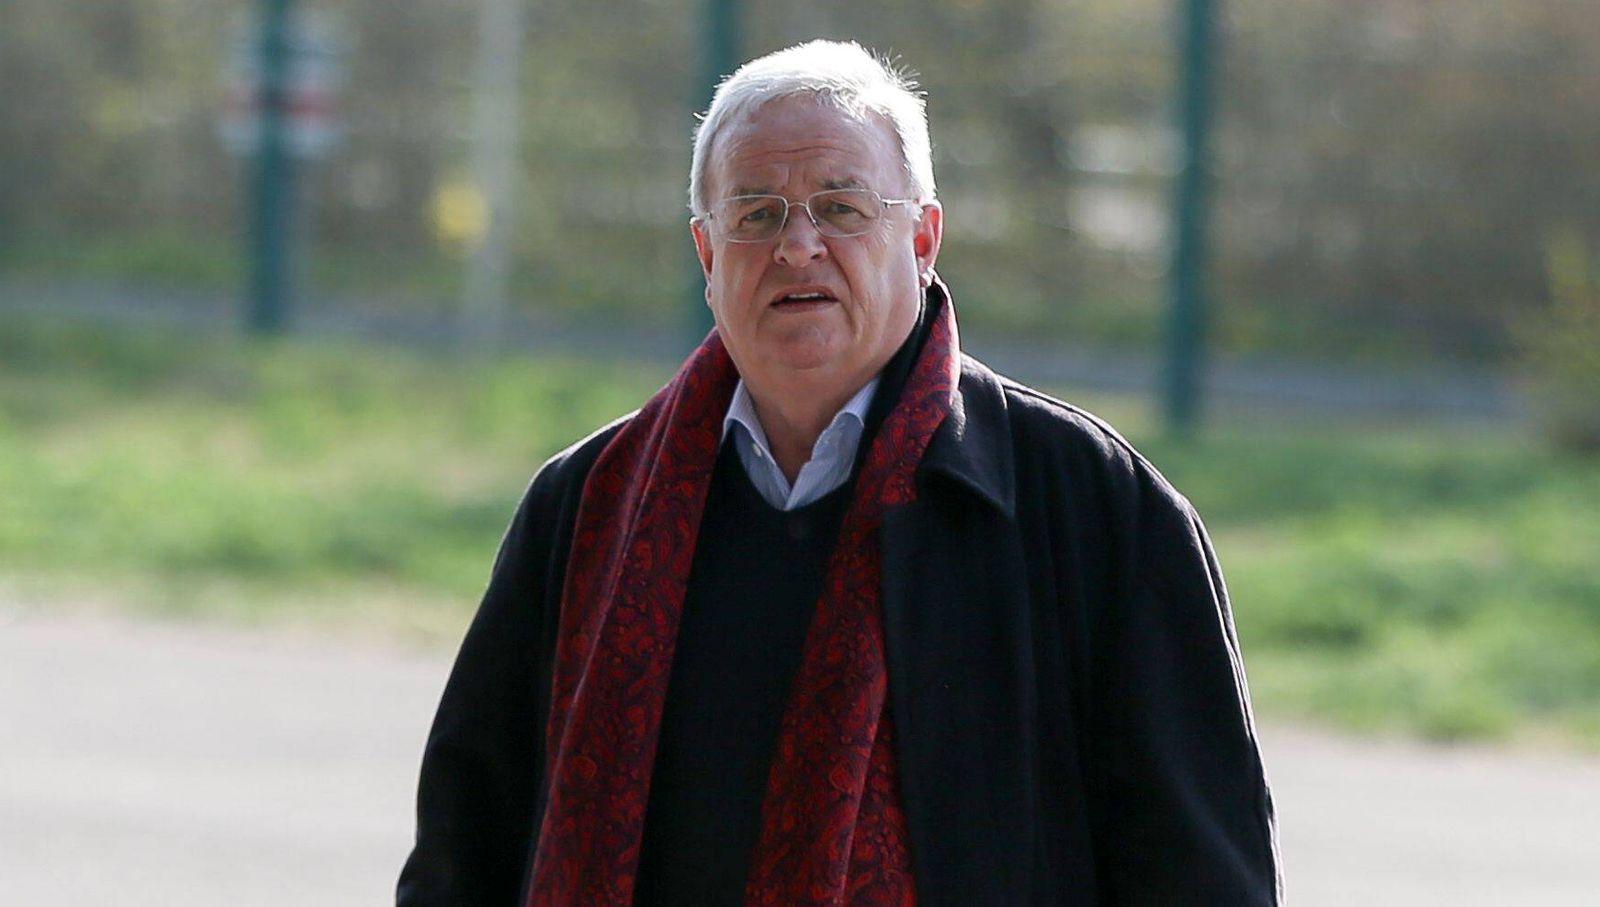 ehemaliger Vorstandsvorsitzender der Volkswagen AG Martin Winterkorn kommt an der Allianz Arena an